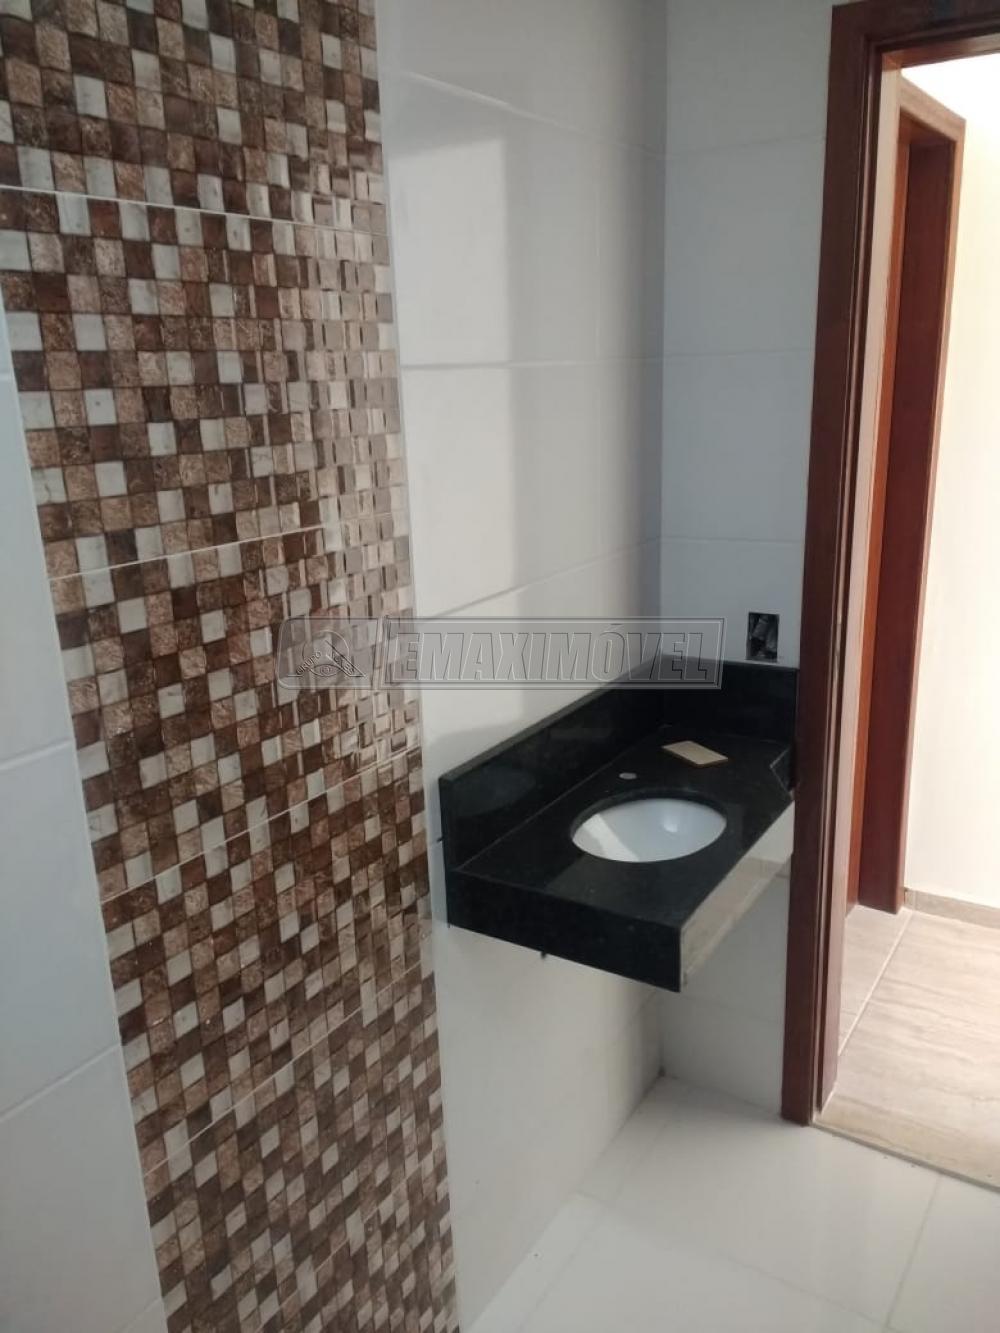 Comprar Casas / em Bairros em Sorocaba apenas R$ 180.000,00 - Foto 6